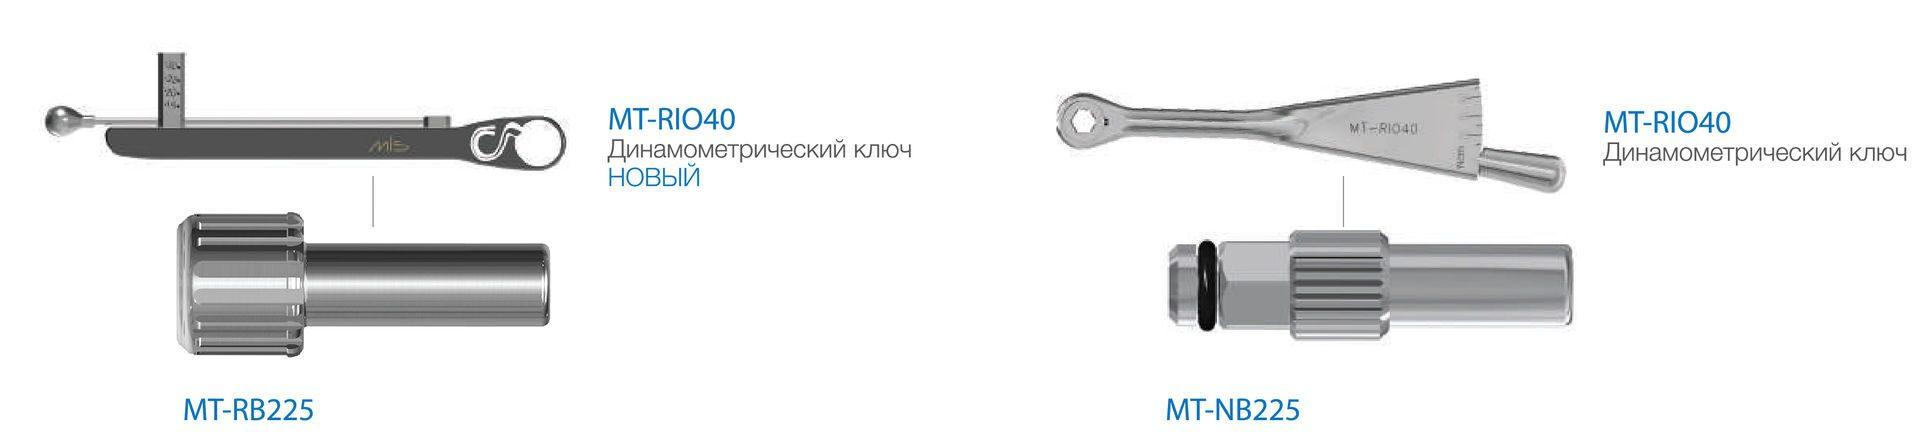 ключи-шаровидный-абатмент-С1